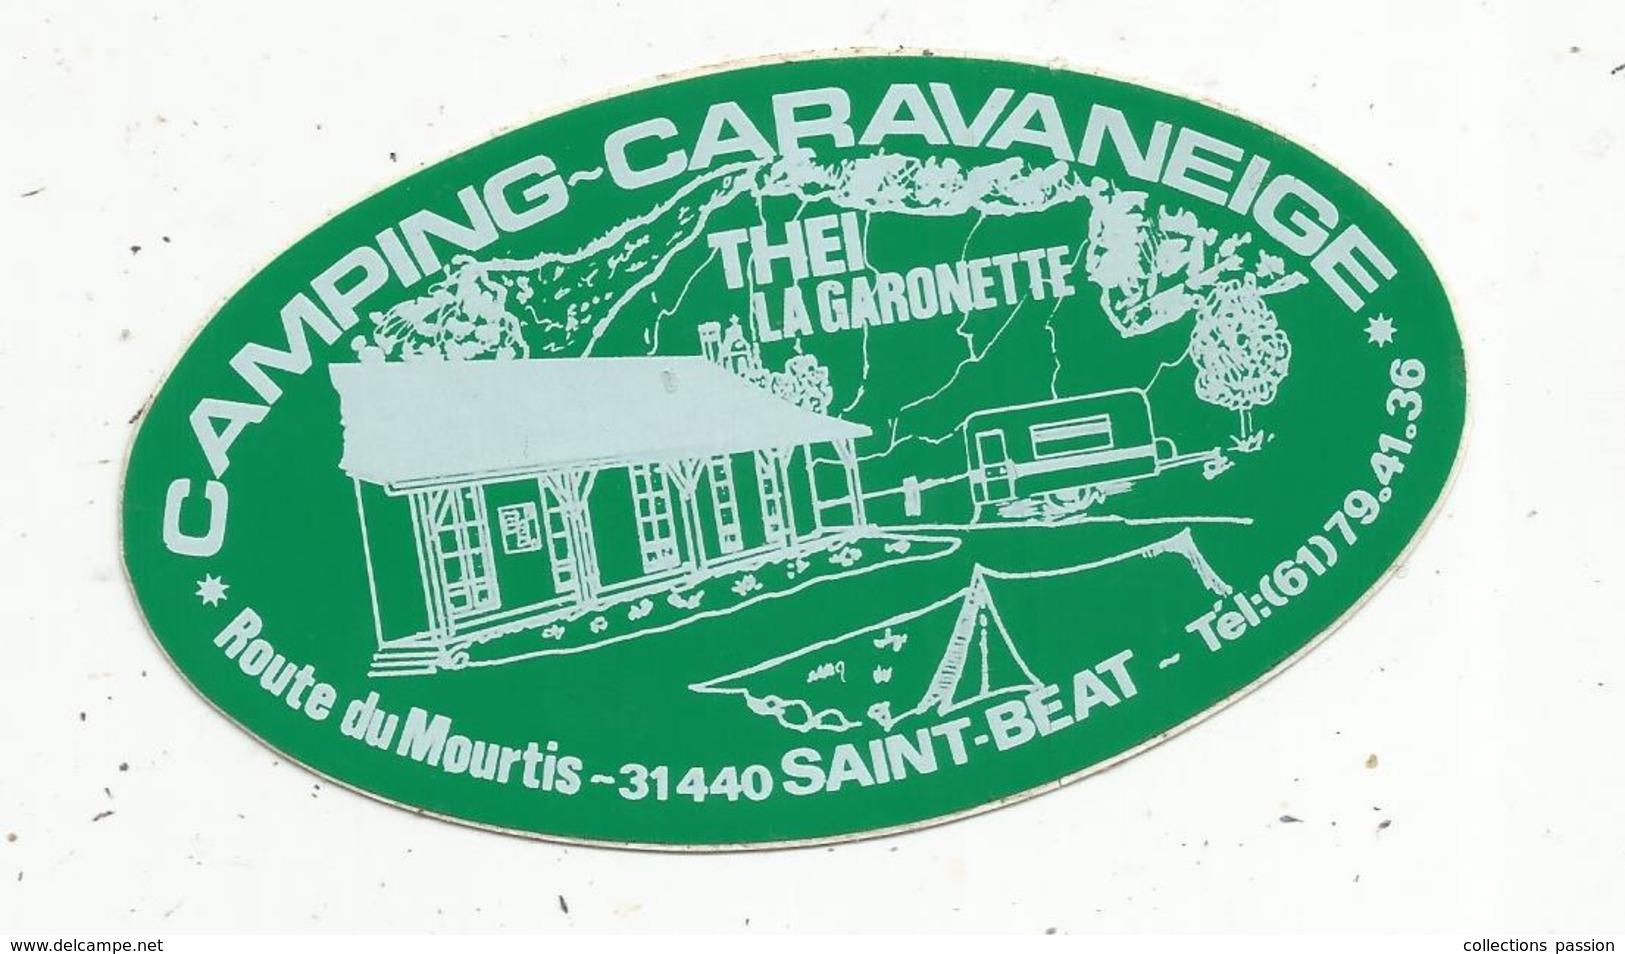 Autocollant , CAMPING - CARAVANEIGE ,THEI ,LA GARONETTE , 31,SAINT BEAT - Autocollants